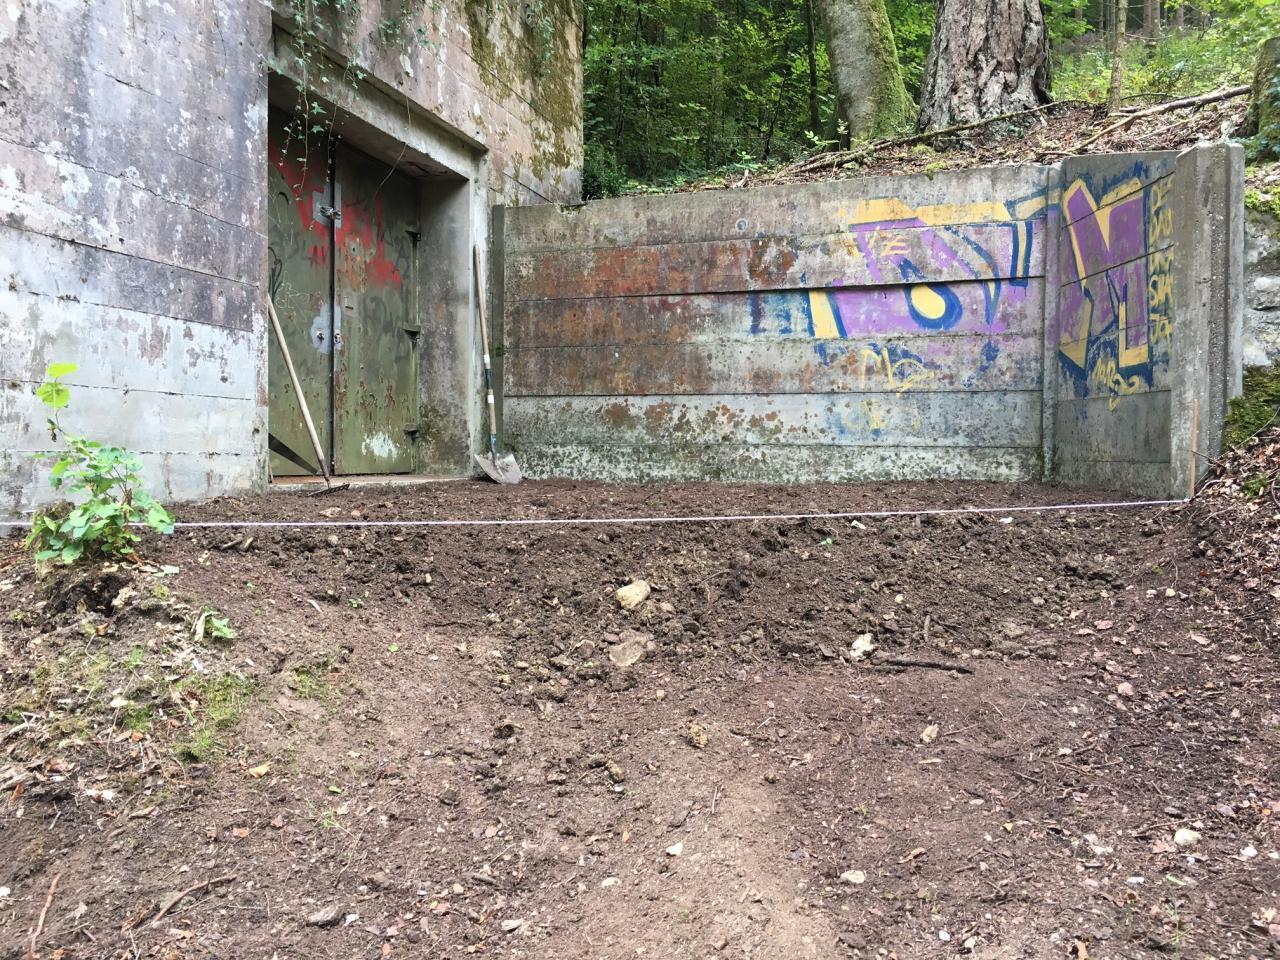 Handhabung & Technik - Bunker Sanierung | FEUERWERK Forum